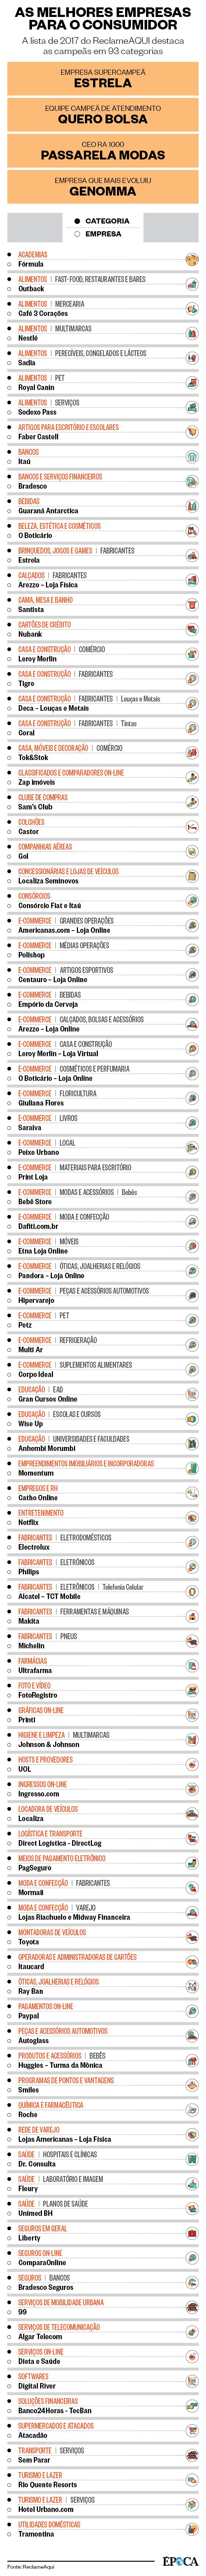 d036d2b2d A Estrela e a Quero Bolsa são as grandes vencedoras do Prêmio ÉPOCA ...